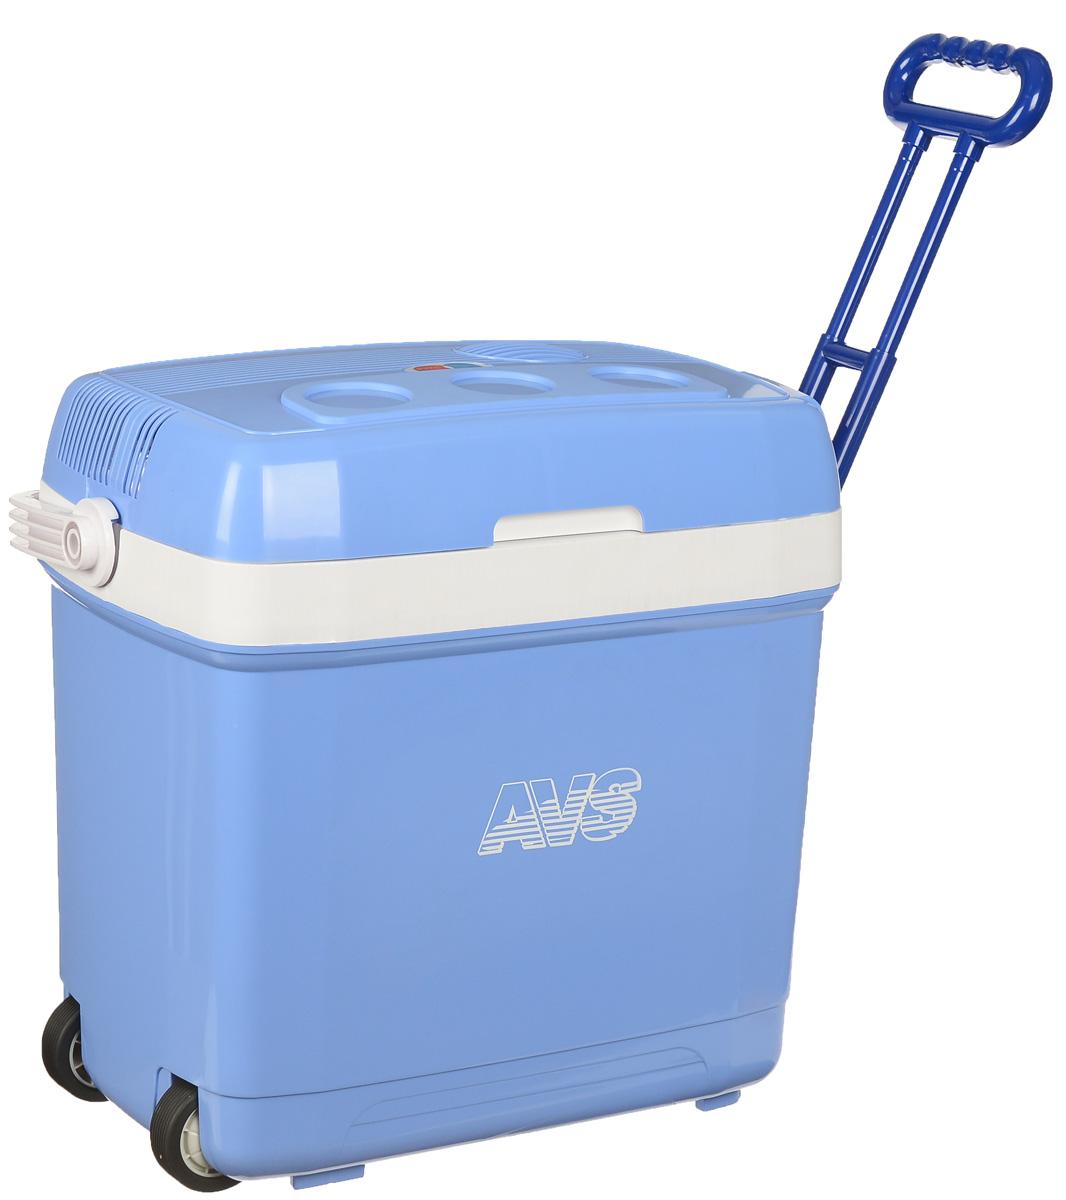 Холодильник автомобильный AVS CC-30B, с ручкой и колесиками, 30 лTC-14FL-ACАвтомобильный холодильник AVS CC-30В - это незаменимый аксессуар для всех автомобилистов, которые долгое время проводят в дороге. Позволяет сохранить продукты и напитки, которые вы собираетесь взять в дальнюю поездку.Холодильник изготовлен из высокопрочной пластмассы. Вся изоляция выполнена из экологически чистых материалов. Устройство холодильника позволяет переключаться в режим нагрева с увеличением температуры внутри камеры до 65°С.Работает без компрессора и имеет встроенный контроль за состоянием аккумулятора автомобиля. Плотно прилегающая и фиксируемая крышка позволяет использовать холодильник с наибольшим КПД.Для наилучшего рекомендуется использовать аккумуляторы холода AVS.Питание: 220 В/12 В.Мощность в режиме охлаждения: 42 Вт.Емкость: 30 л.Принцип работы по эффекту Пельтье.Максимальное охлаждение: 15-18°С от температуры окружающей среды.Максимальный нагрев: до 65°С.Минимальная температура охлаждения: +5°С (при температуре окружающей среды не выше +23°С и непрерывной работе не менее 3 часов).Подстаканники на верхней крышке.Оснащен колесиками и ручкой.Вес: 6,25 кг.